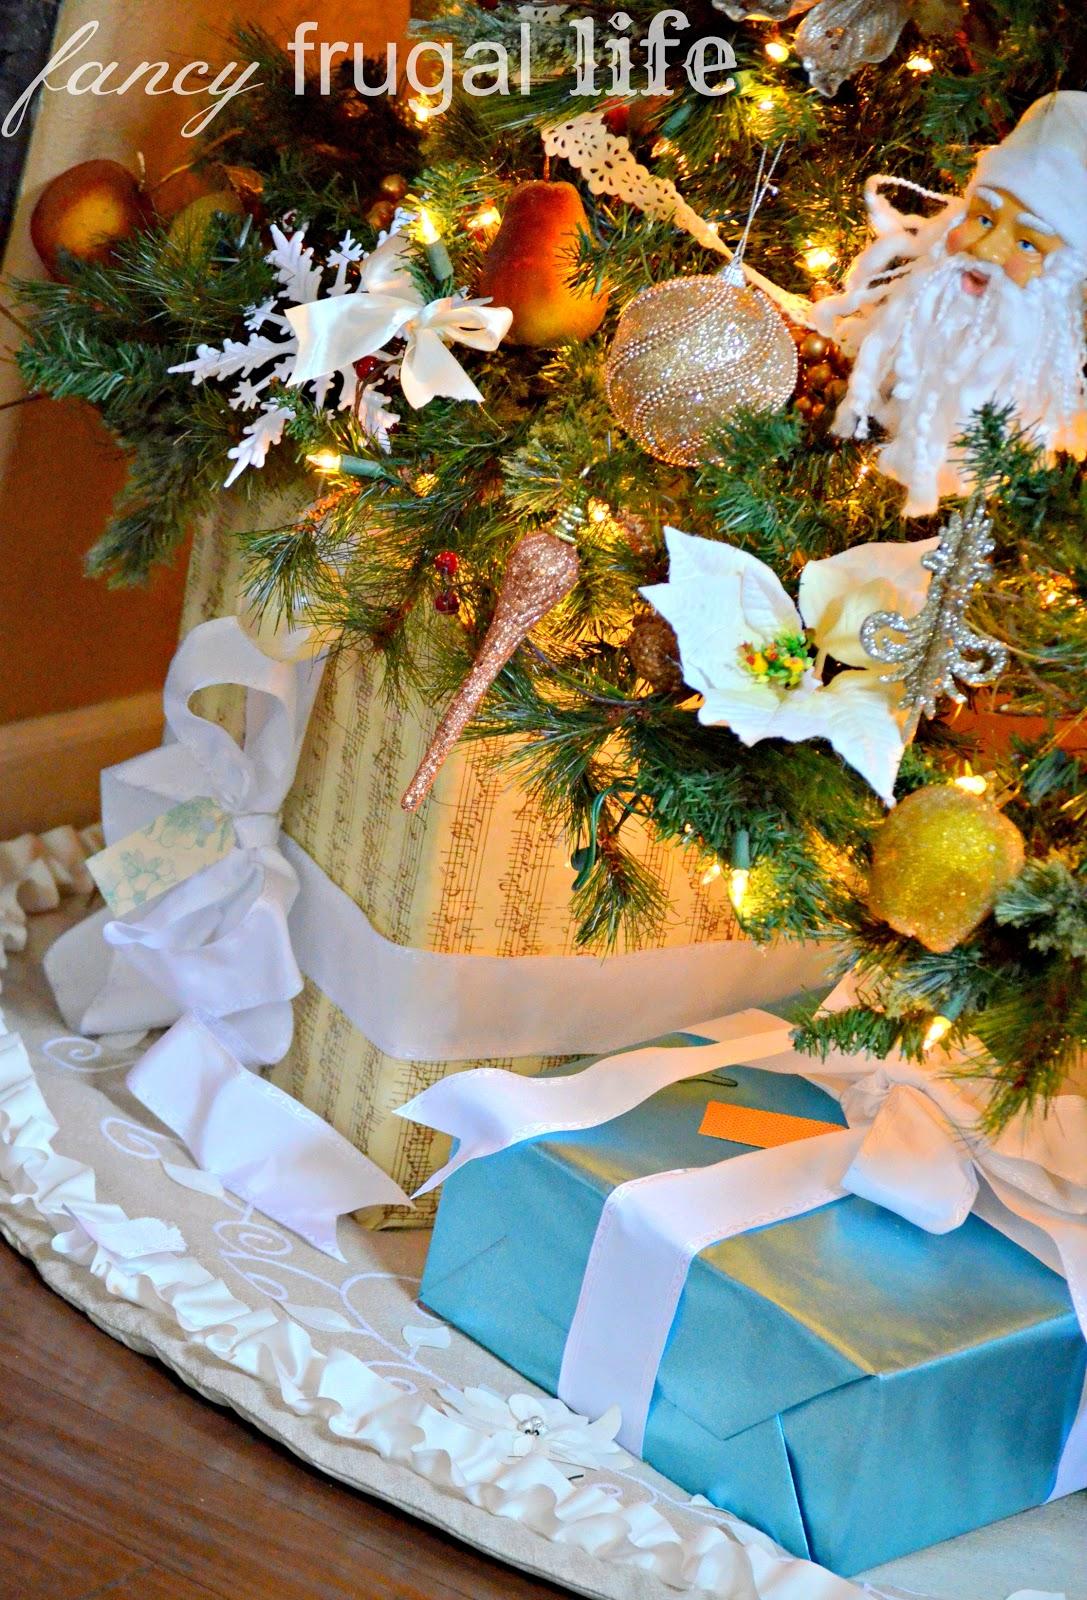 Christmas 2012 Home Decor Tour